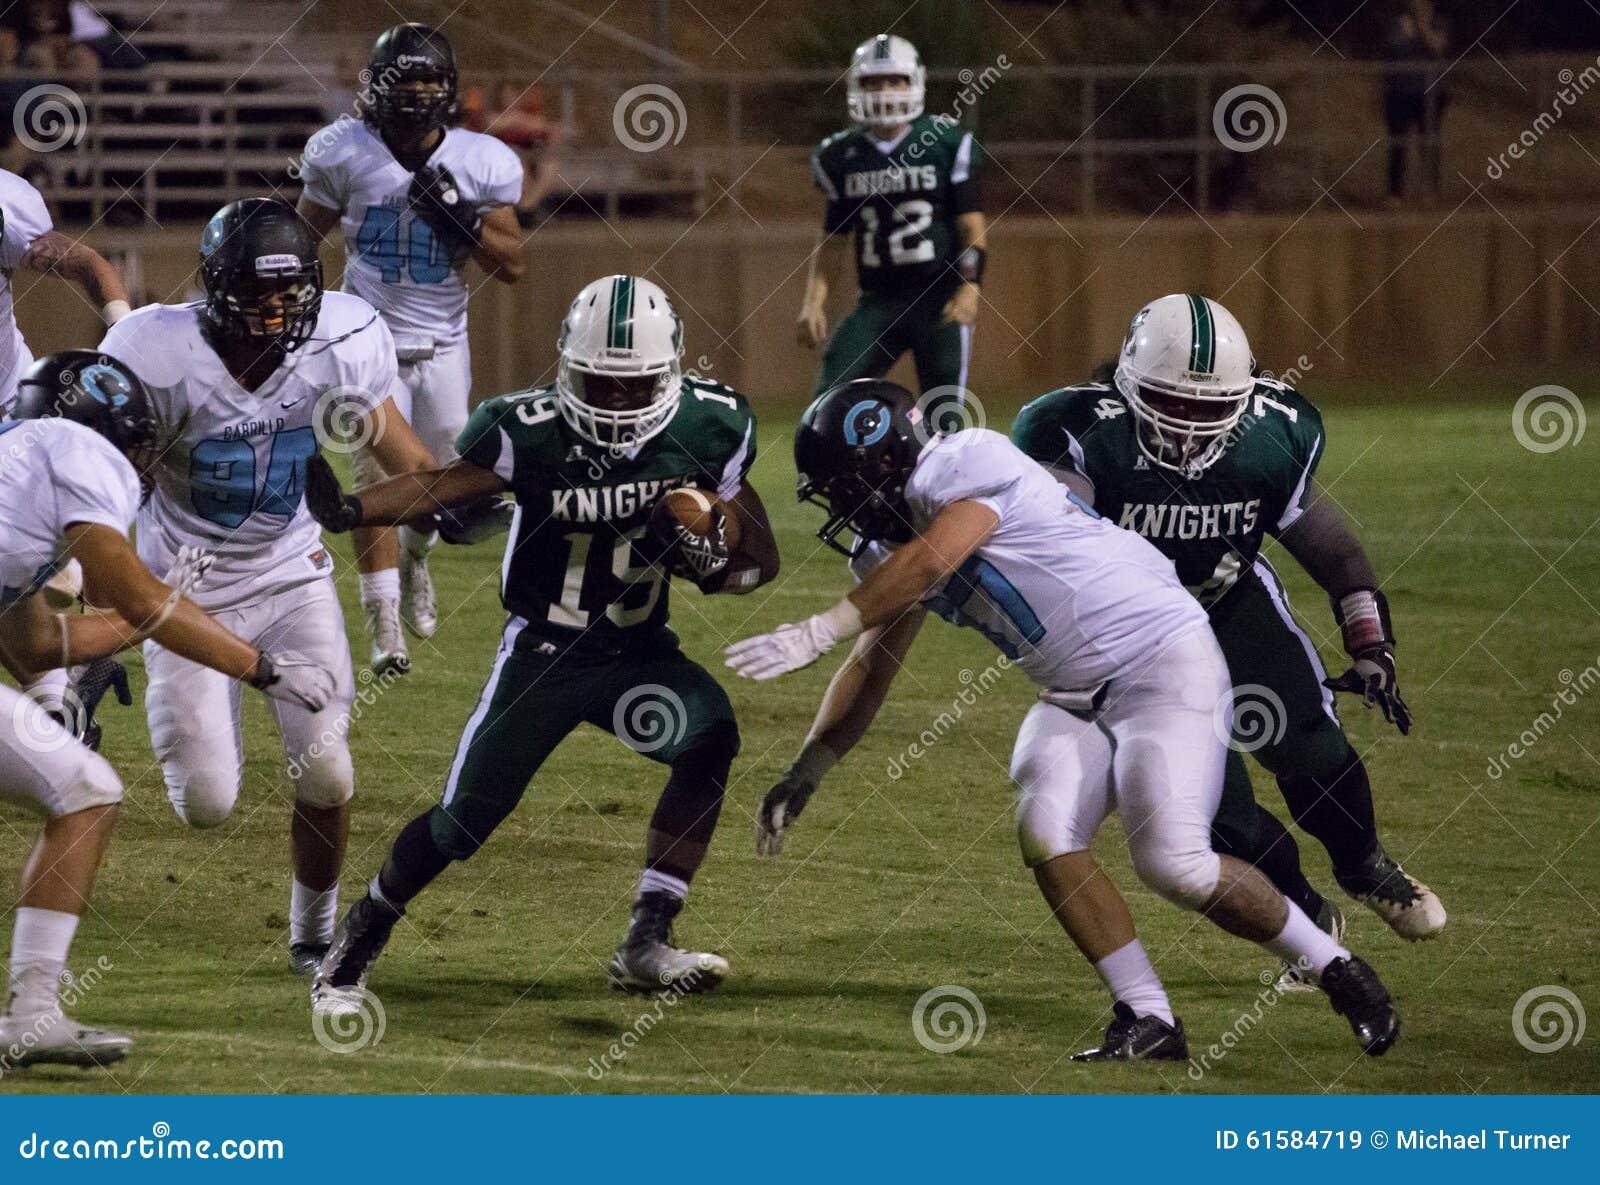 Bringing up The Ball